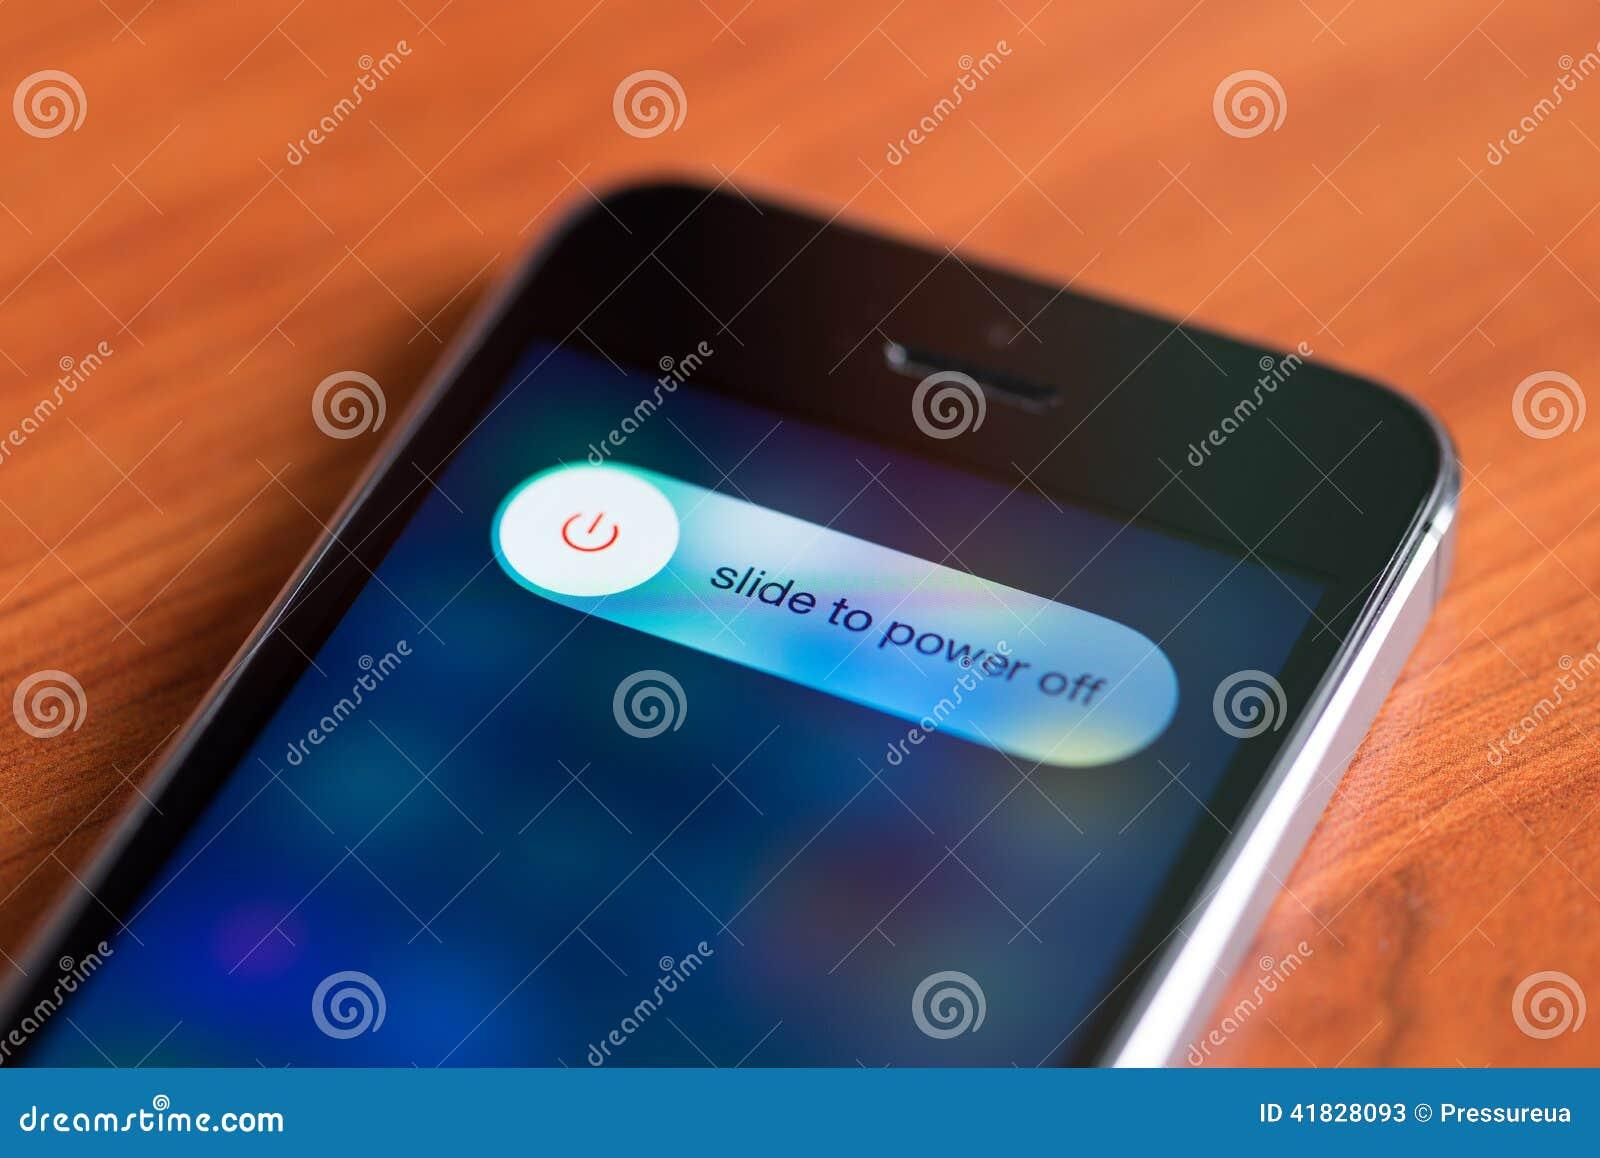 Deslize às opções do sem energia no iPhone 5S de Apple